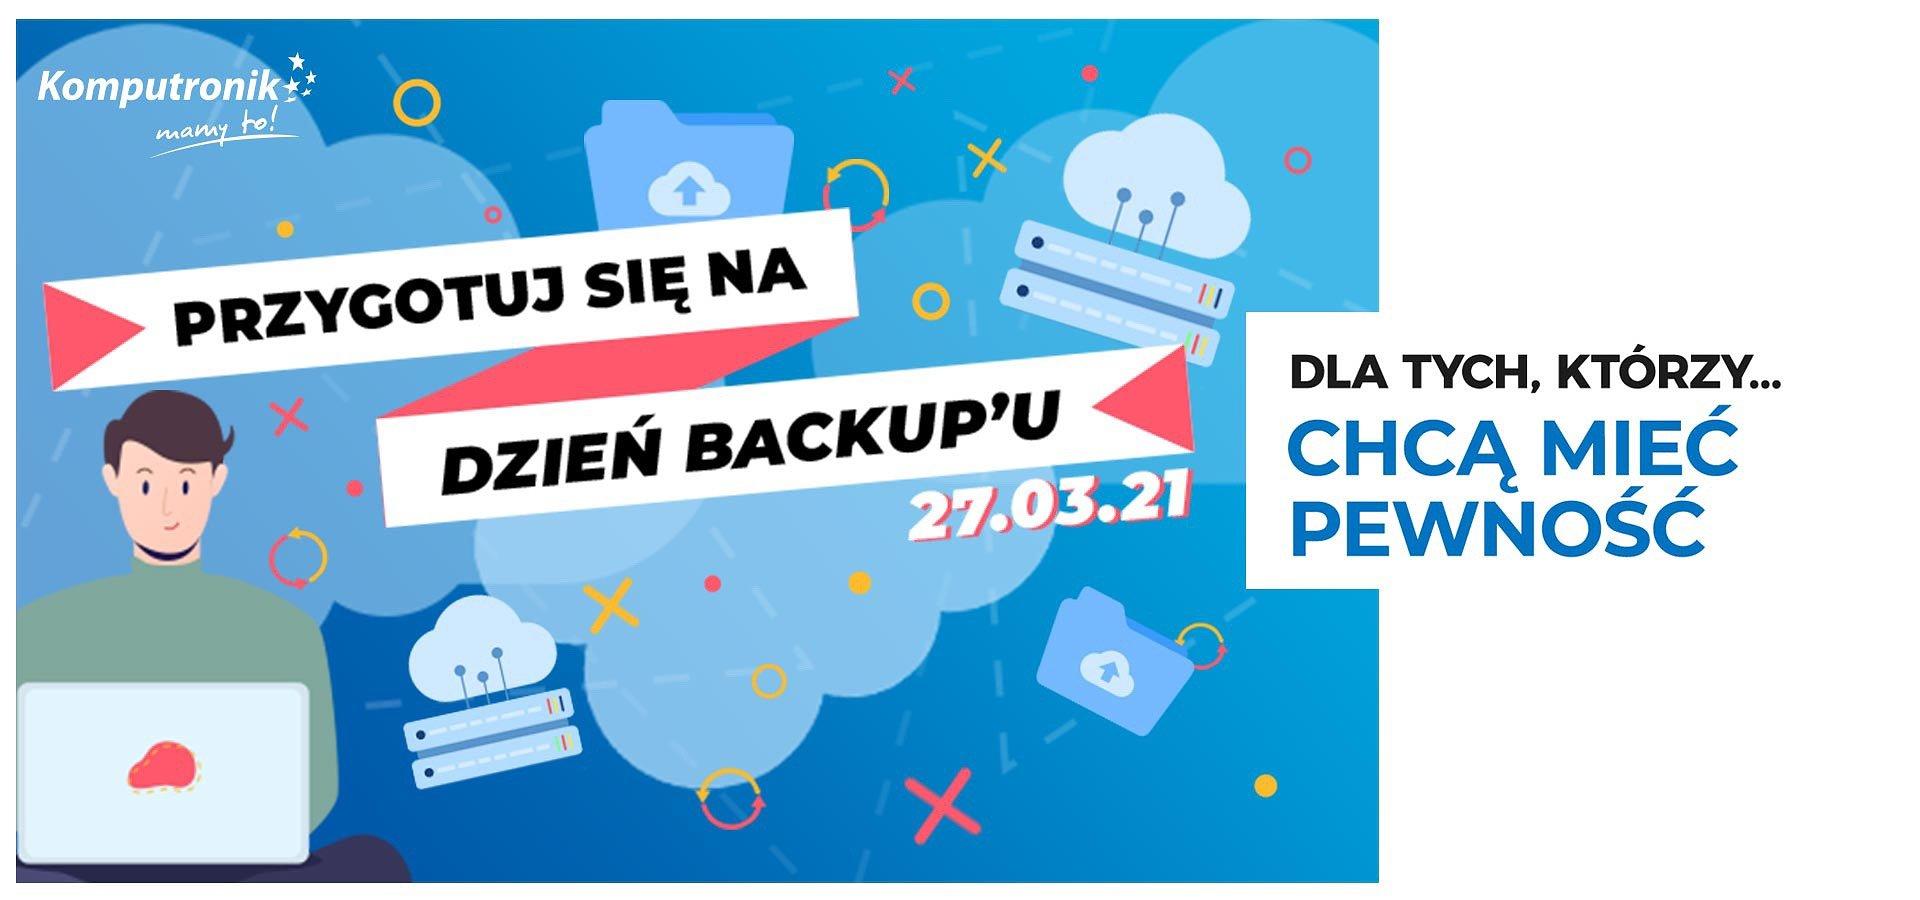 Zadbaj o bezpieczeństwo swoich danych! Dzień backupu w Komputronik